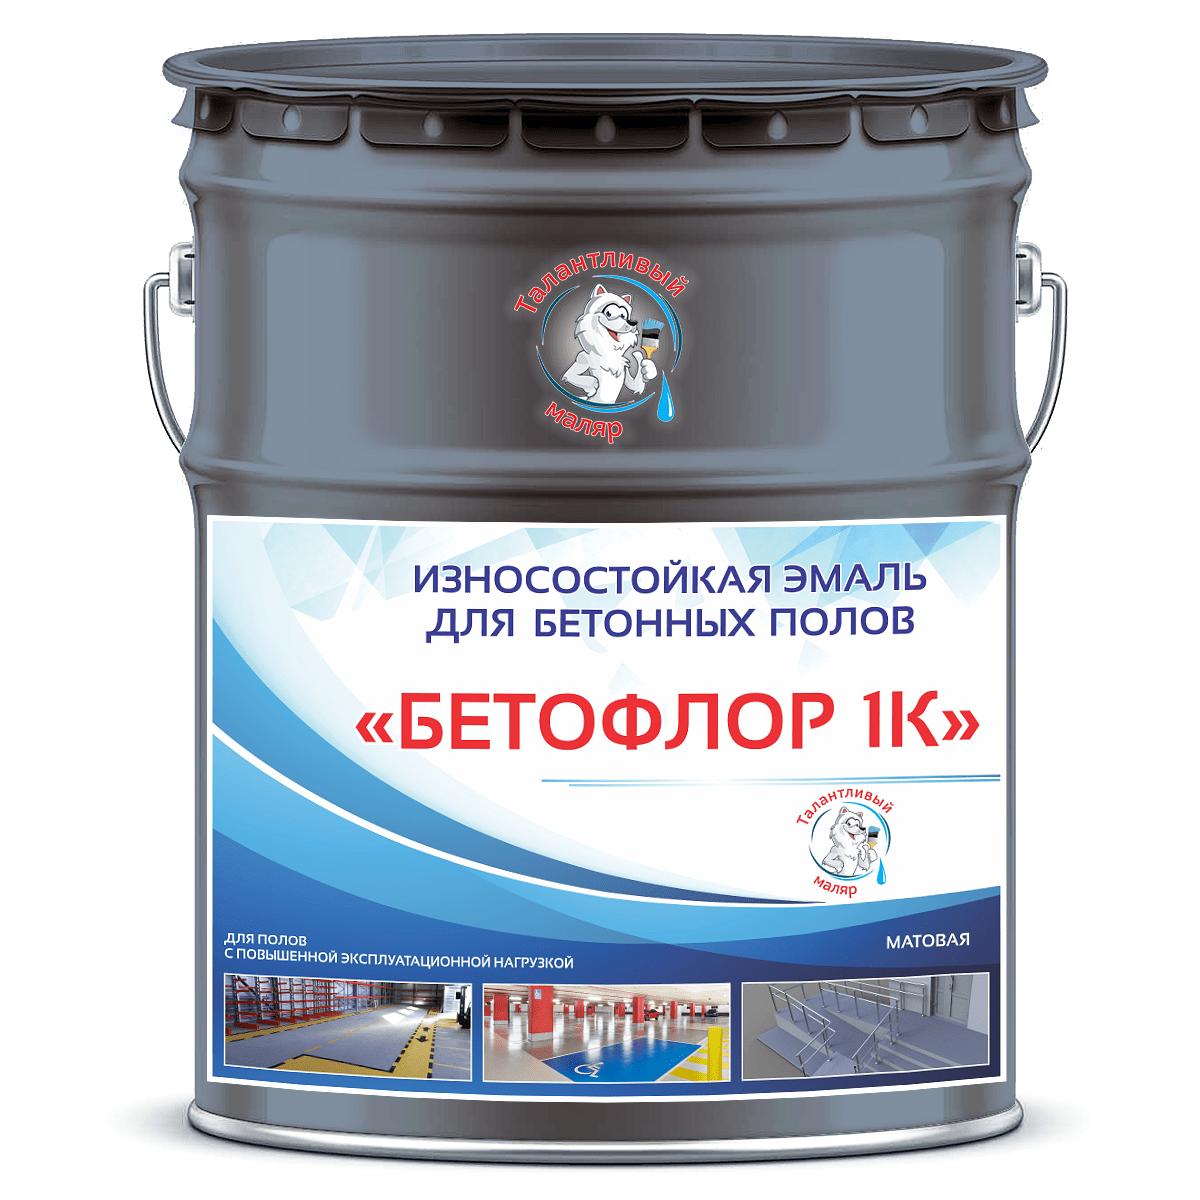 """Фото 22 - BF7031 Эмаль для бетонных полов """"Бетофлор"""" 1К цвет RAL 7031 Сине-серый, матовая износостойкая, 25 кг """"Талантливый Маляр""""."""